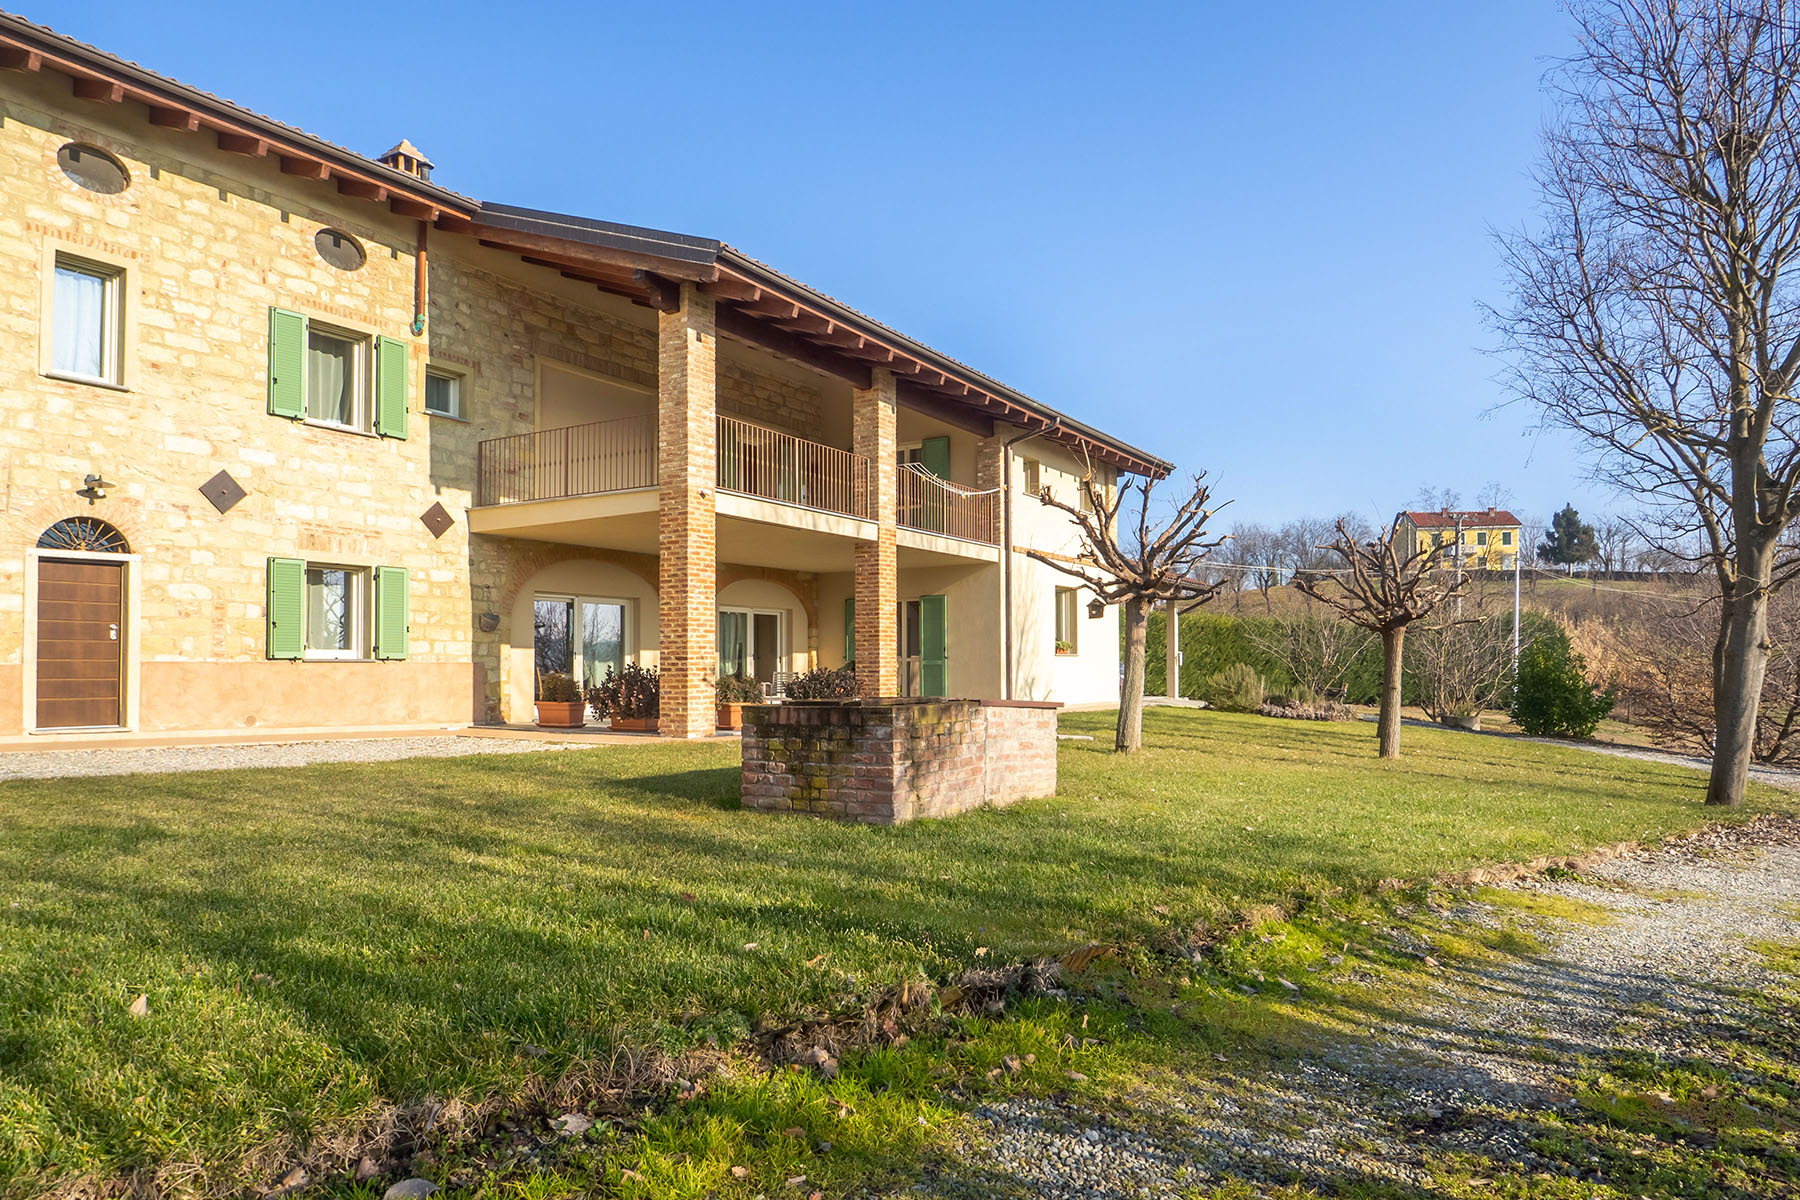 Rustico in Vendita a Vignale Monferrato: 5 locali, 370 mq